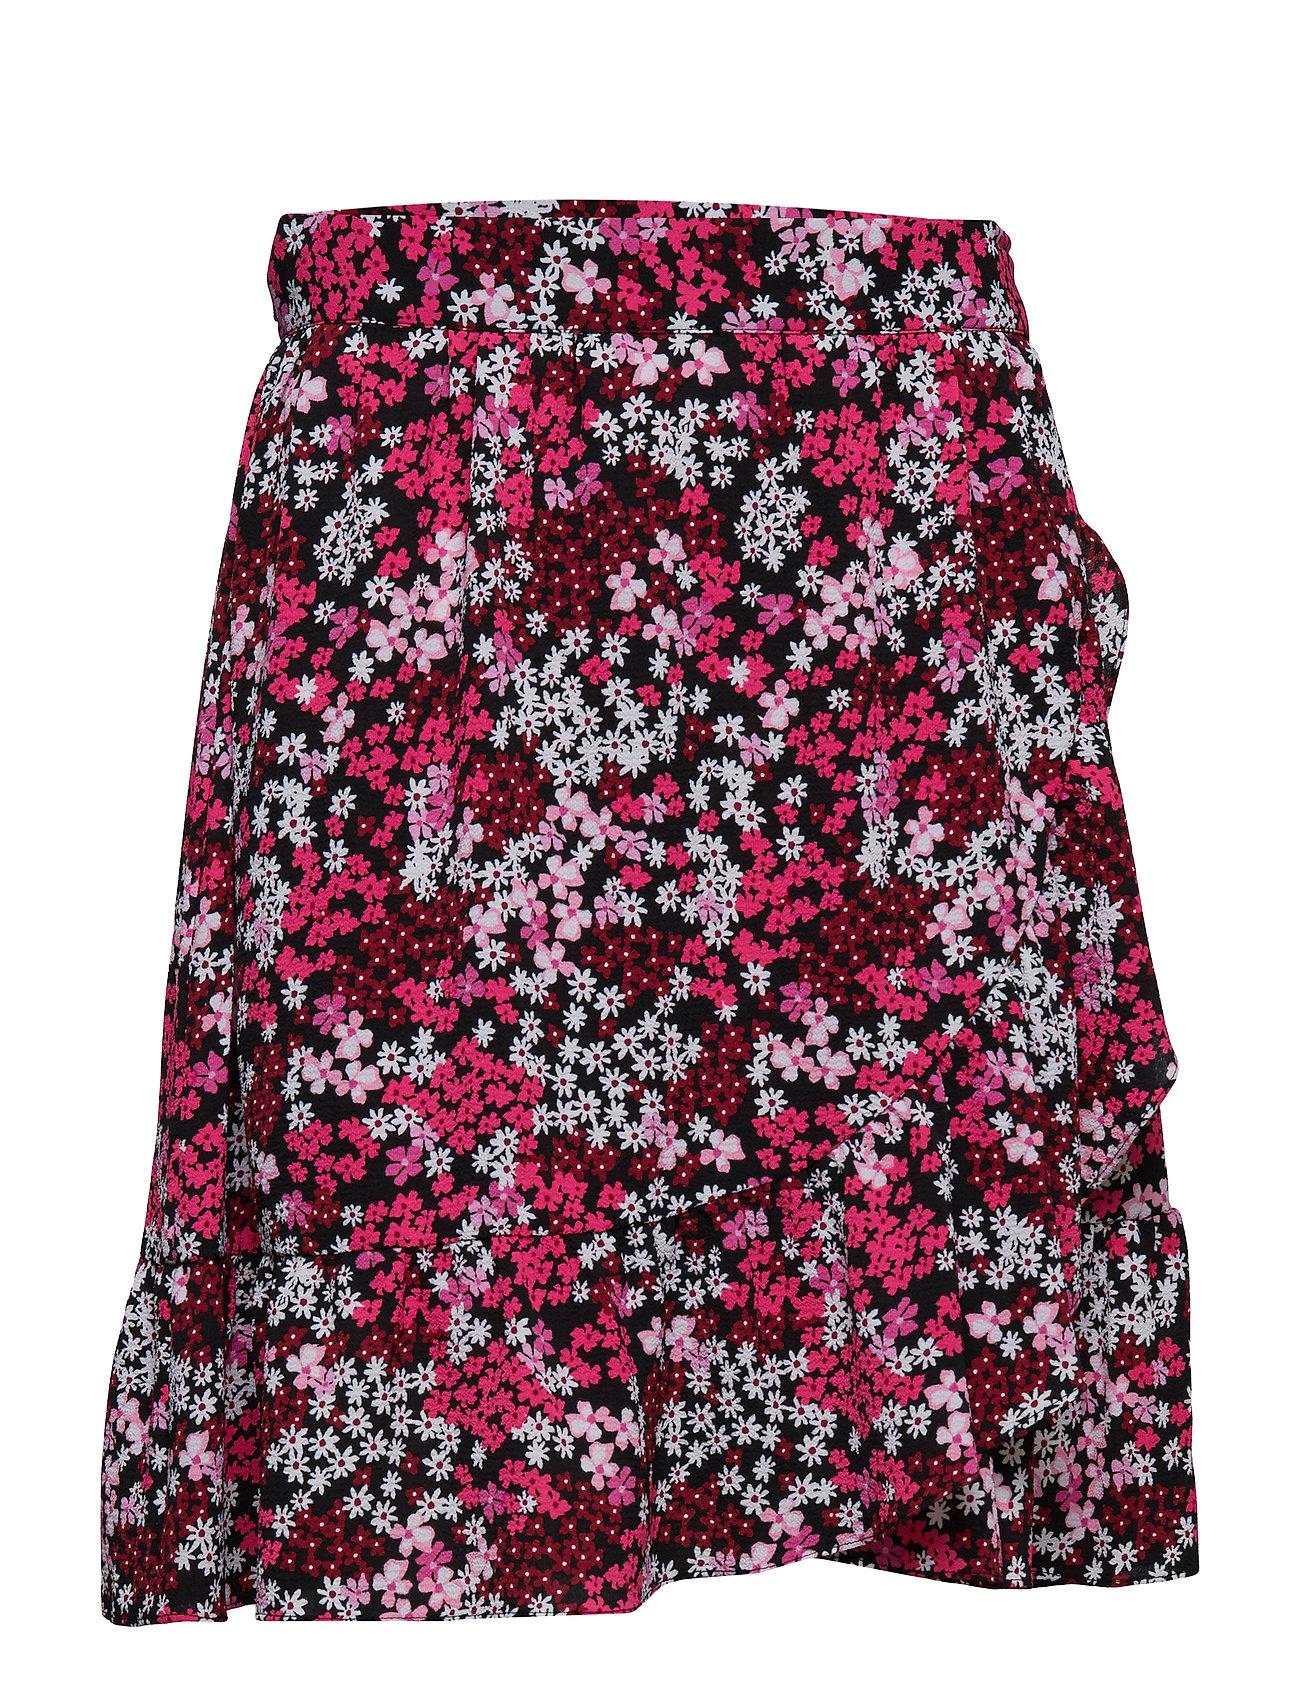 b0cf5a4f5 Mod Garden Wrap Skirt (Blk/eltrcpnk) (£87.75) - Michael Kors ...